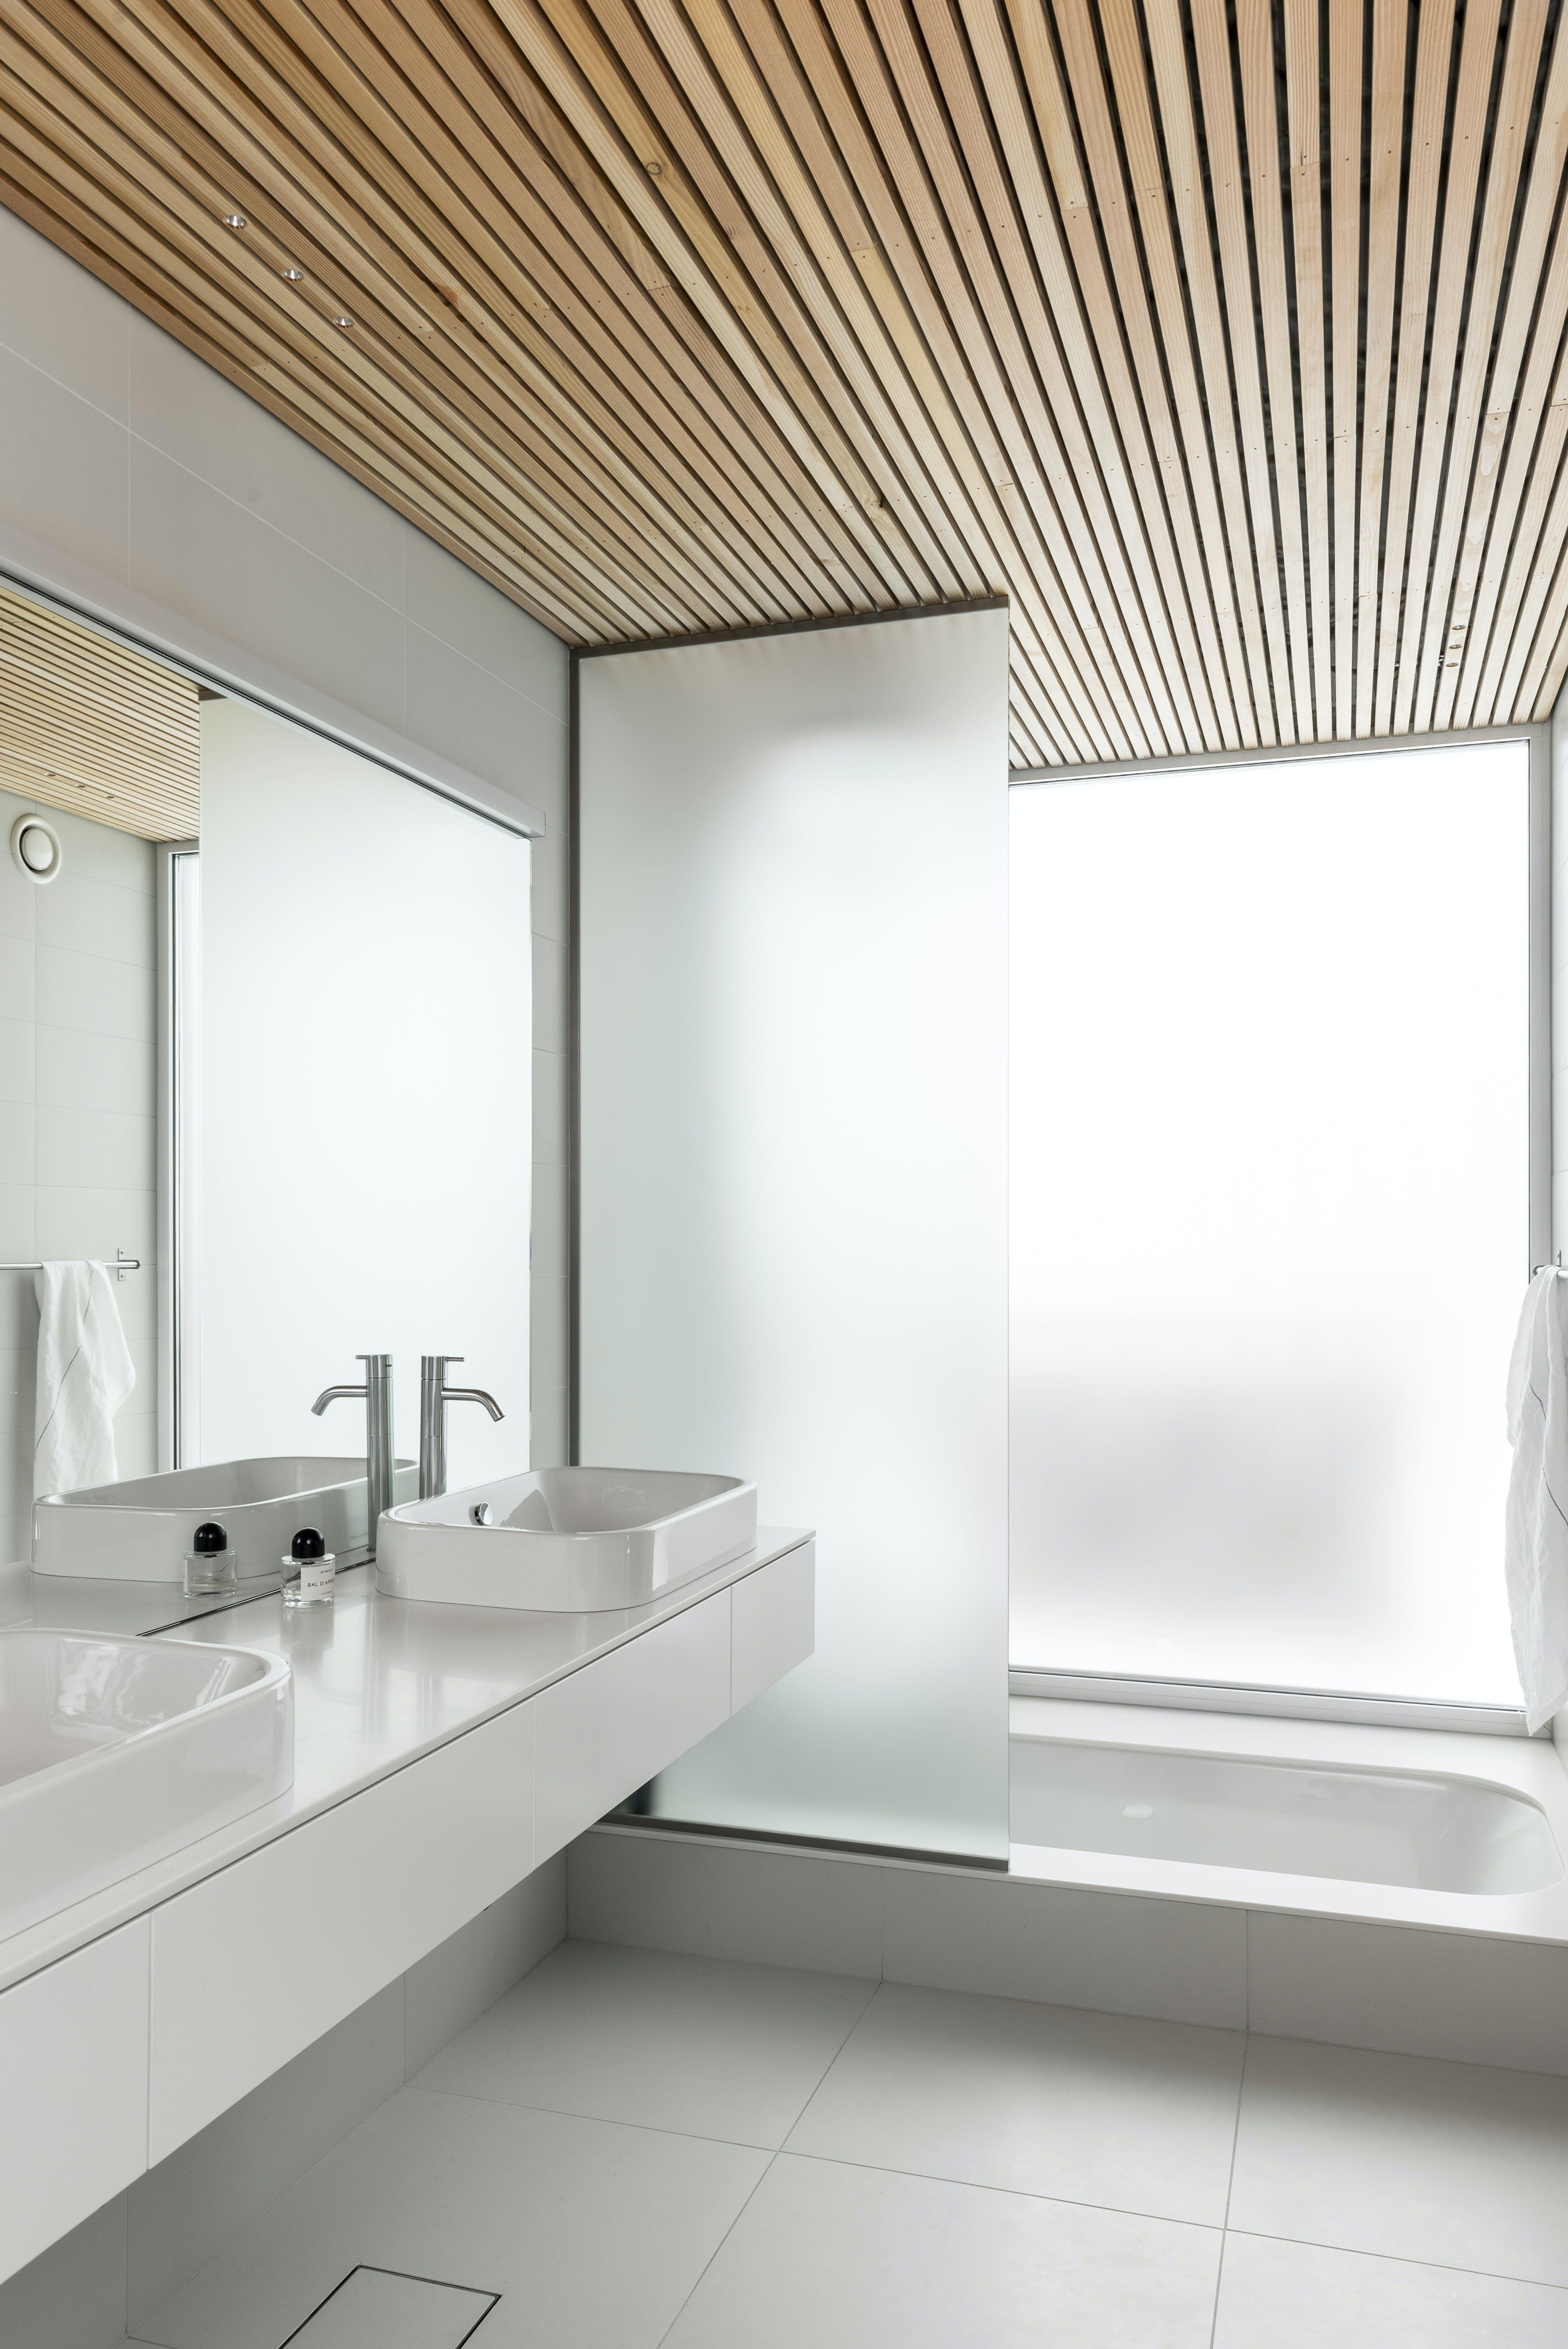 badeværelse håndvask badekar glasvæg